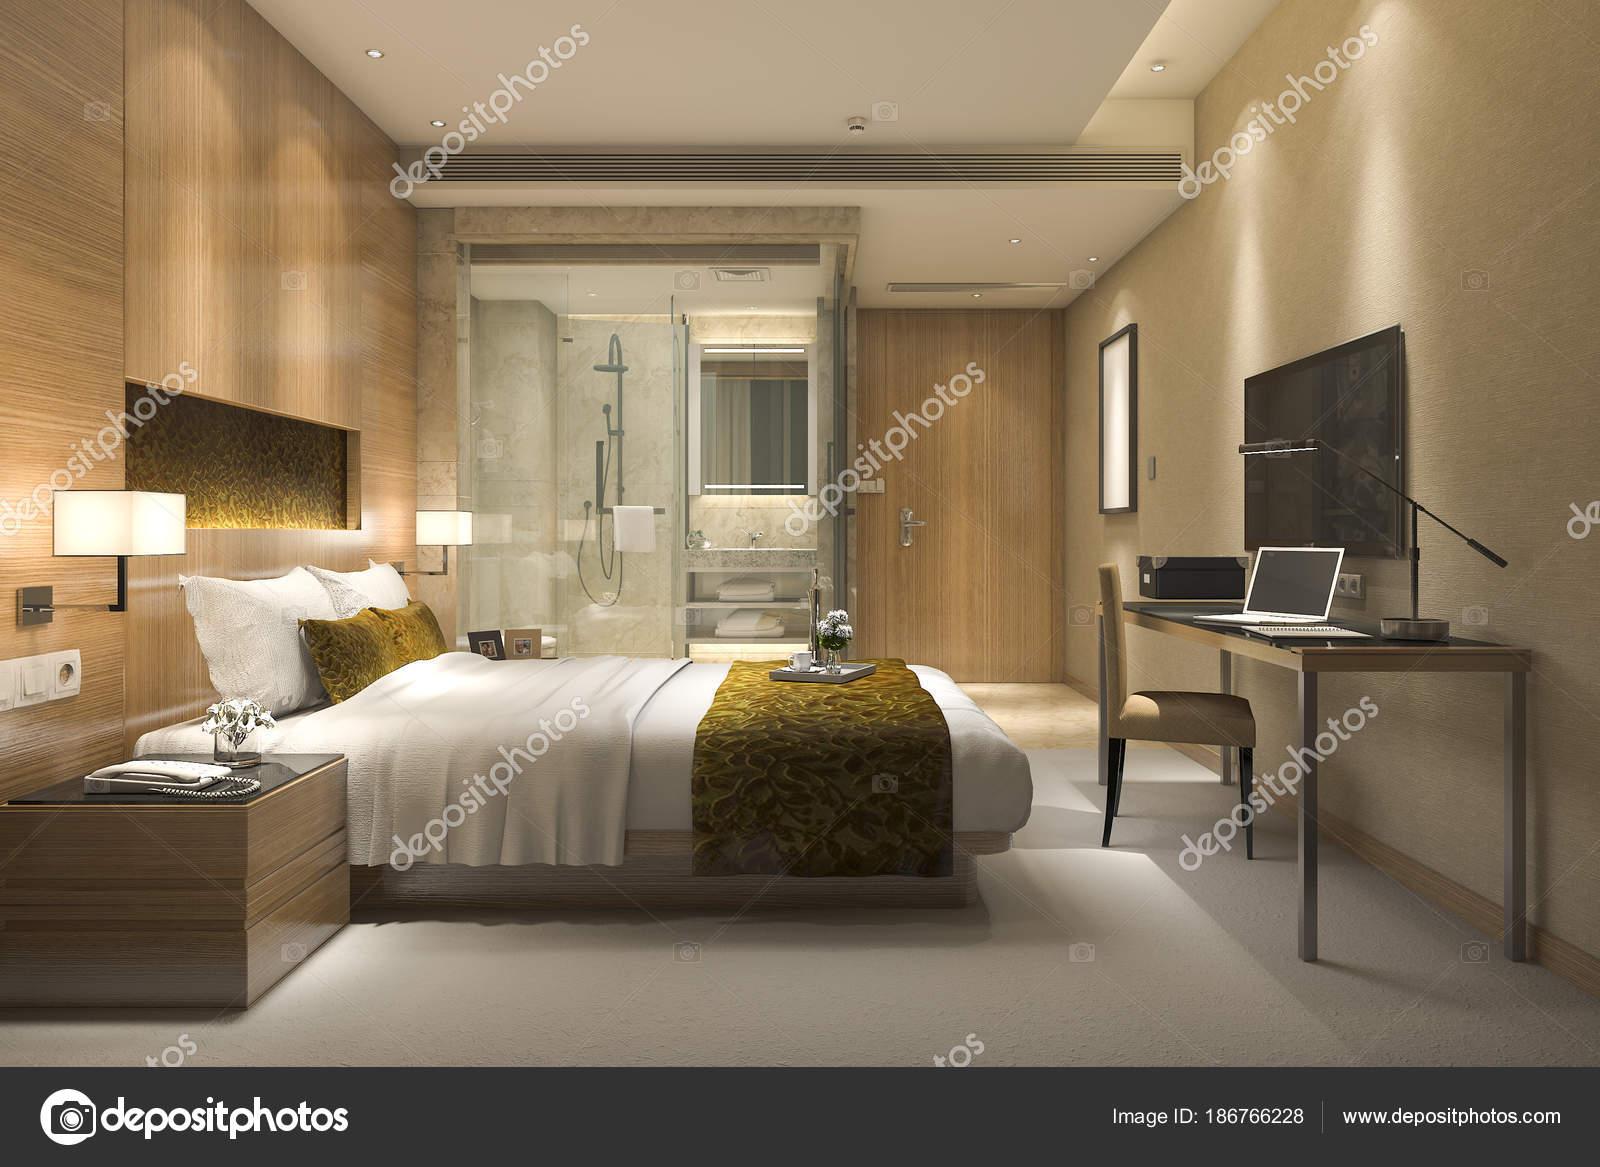 Dormitorio De Lujo Moderno Cuarto Baño Suite Dormitorio